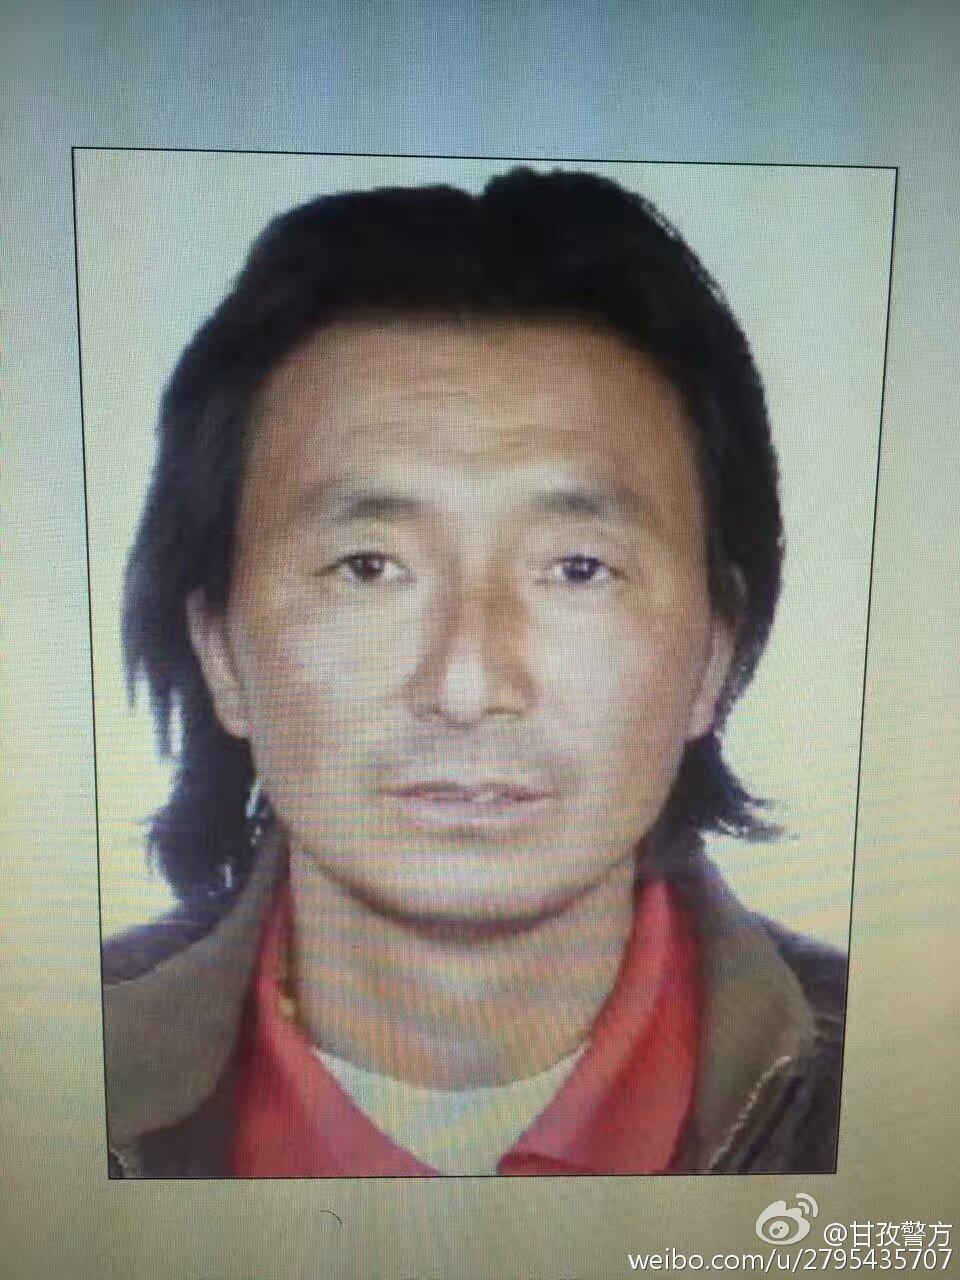 西藏警察遭枪击牺牲原因凶手是谁现场图,持枪杀人案嫌疑人照片